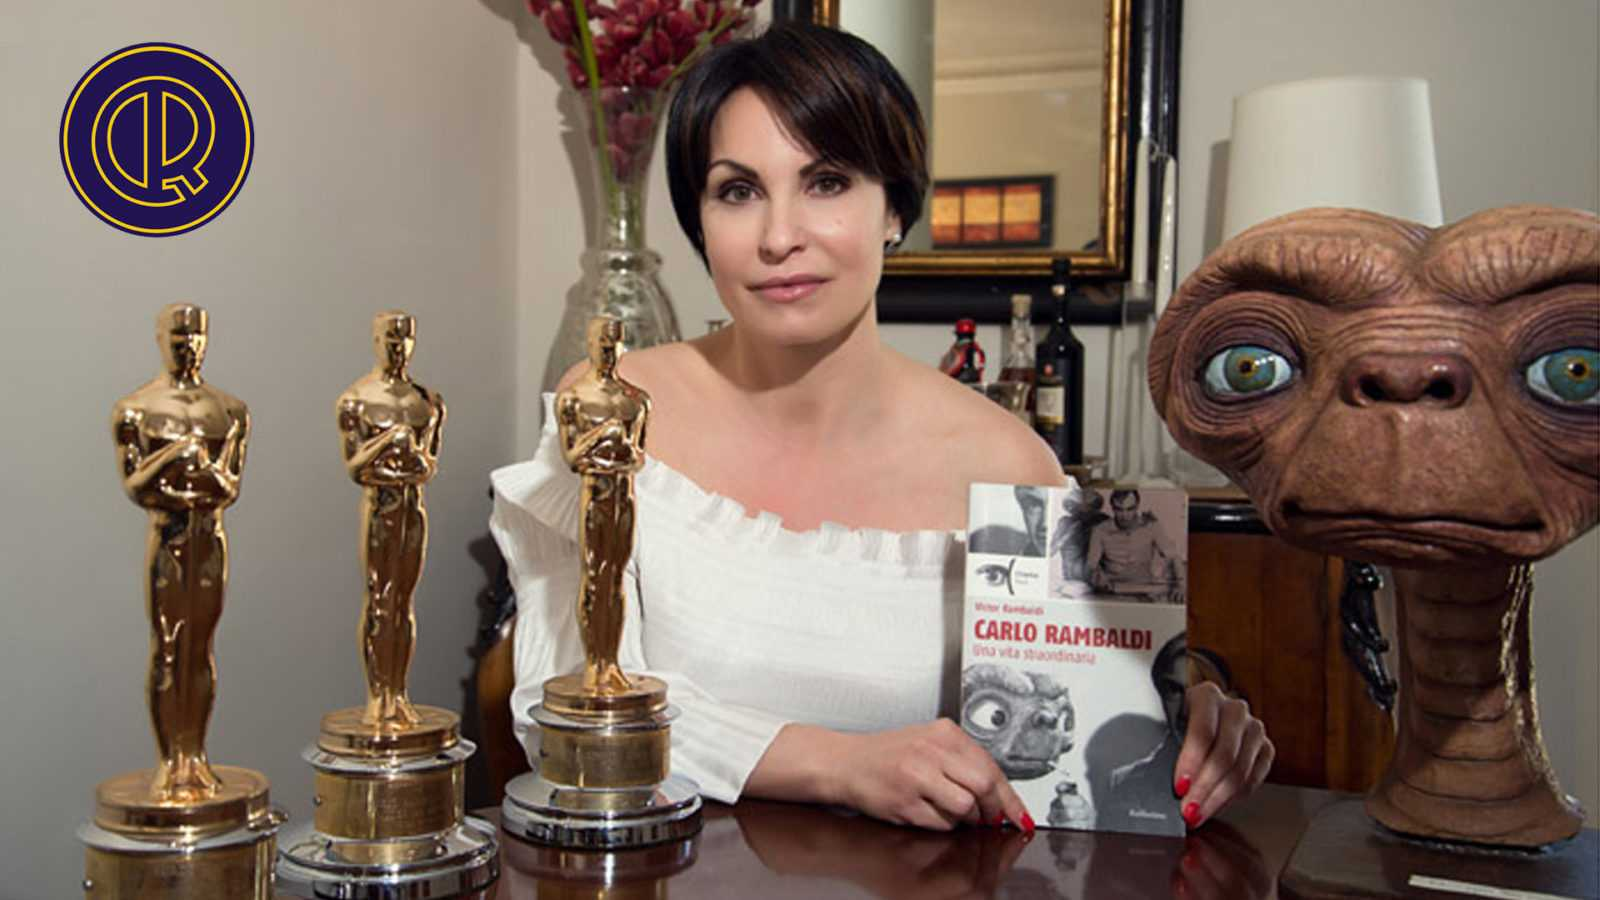 Daniela Rambaldi con premi Oscar del padre Carlo Rambaldi